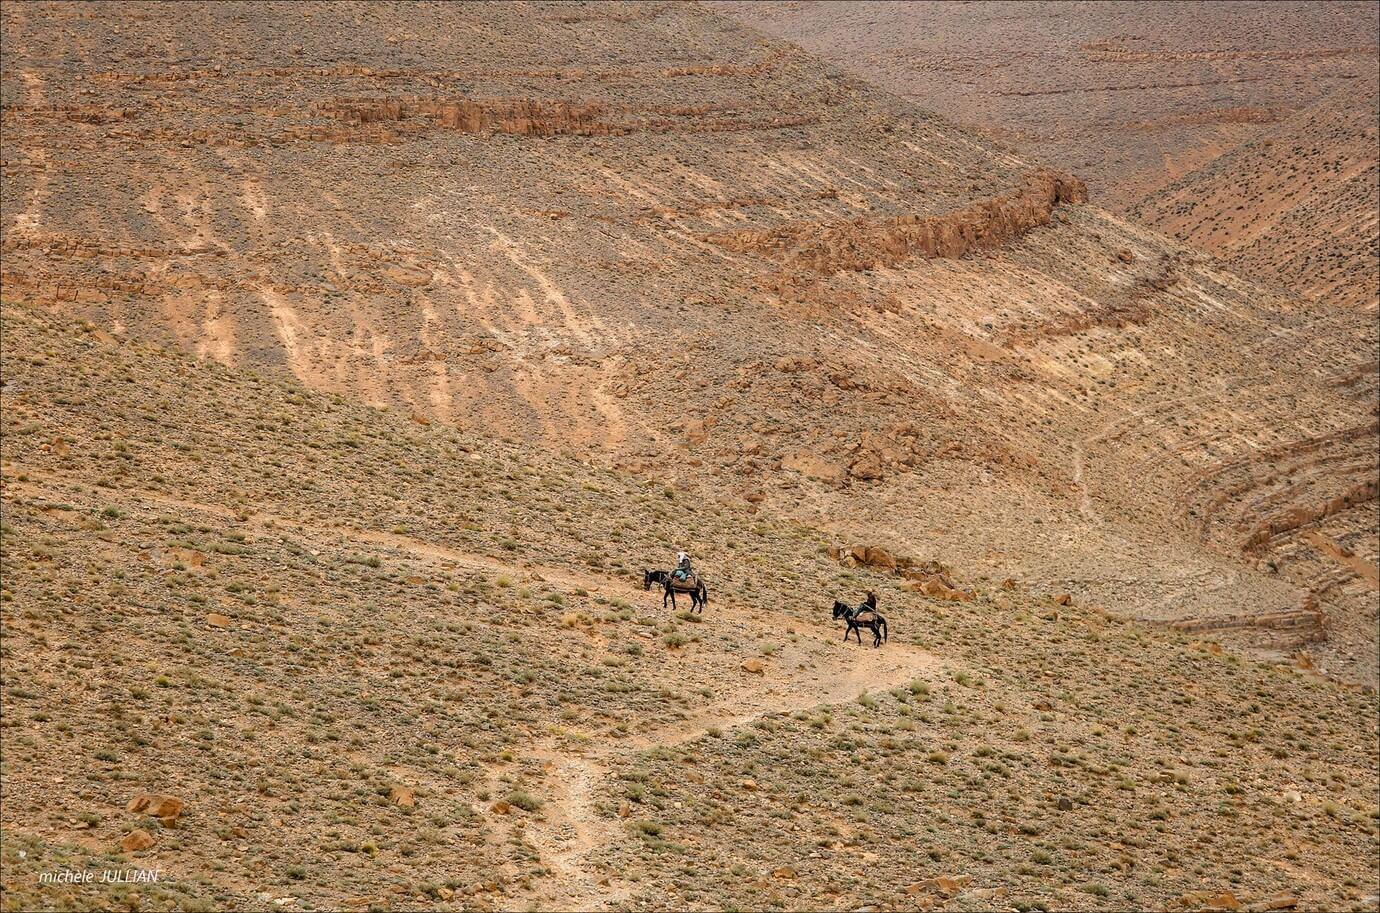 sur la route à cheval dans l'atlas marocain